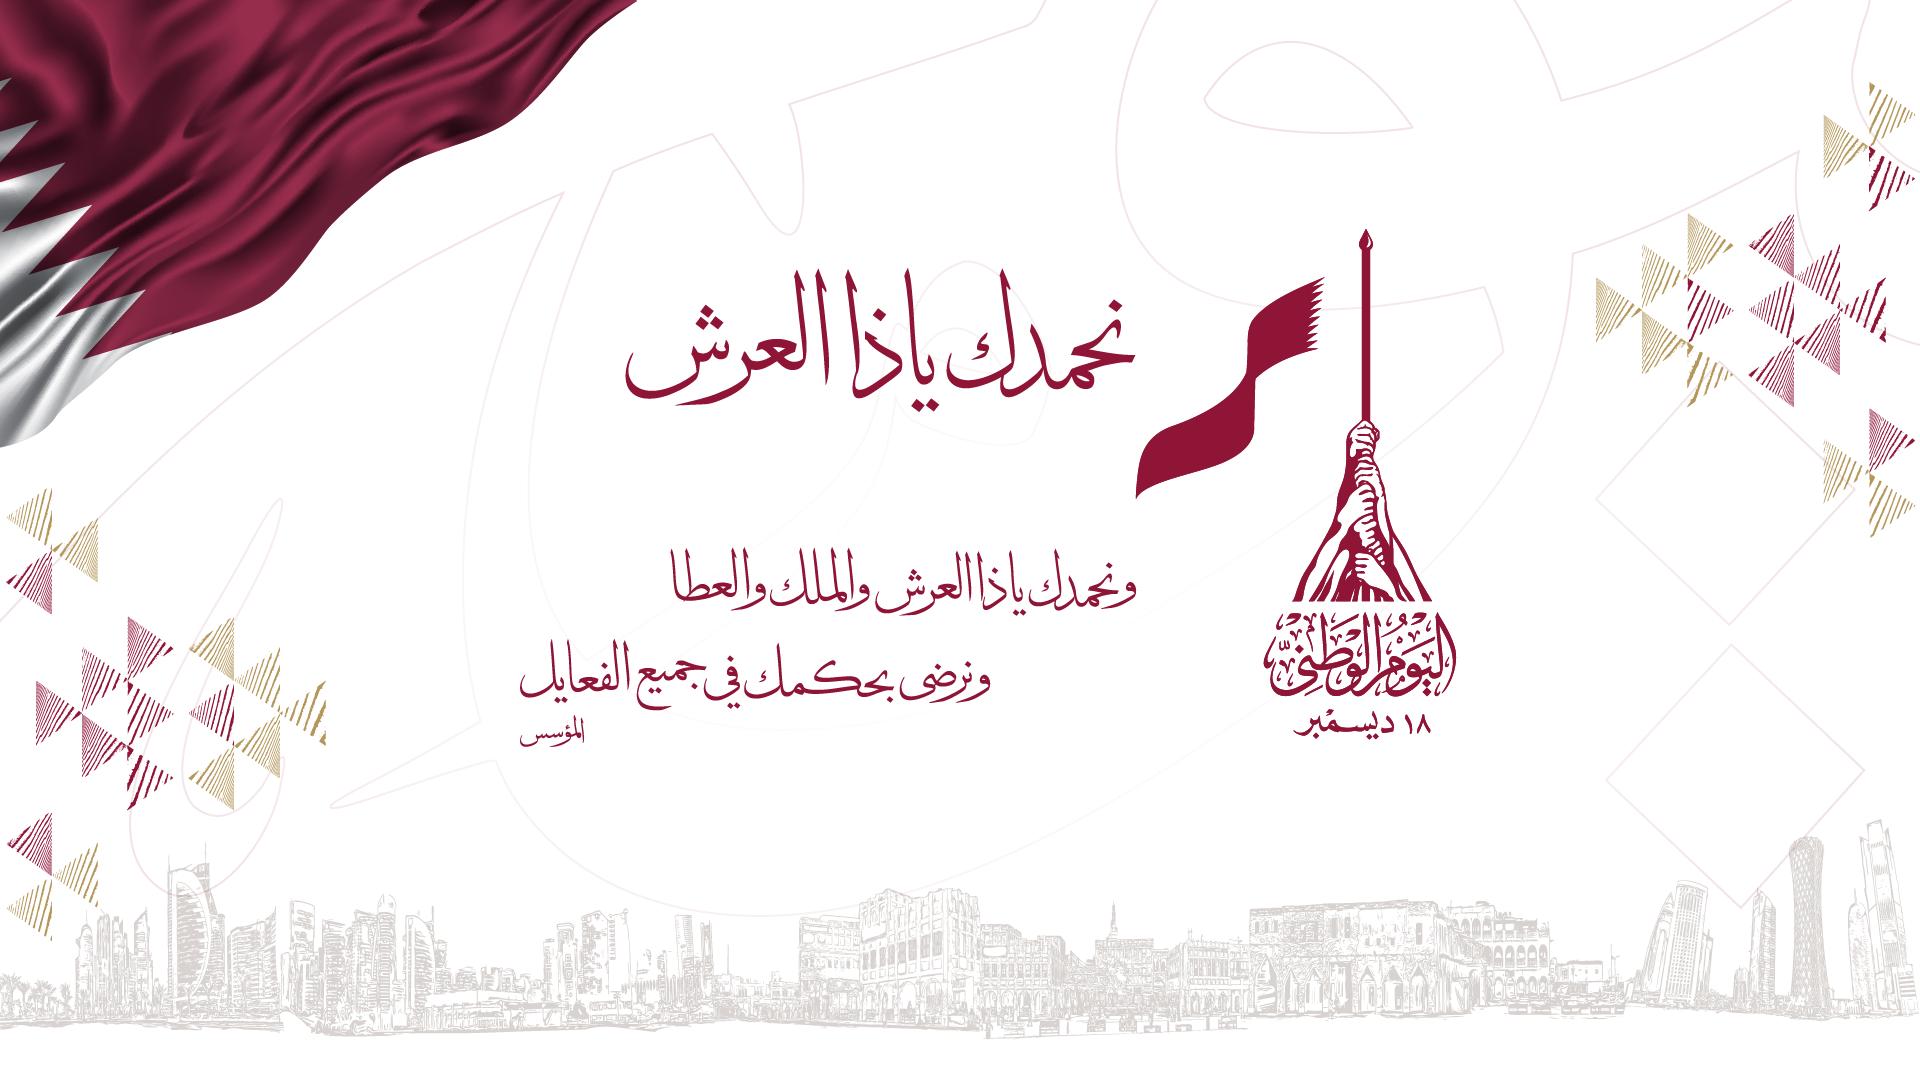 اليوم الوطني لدولة قطر 2020